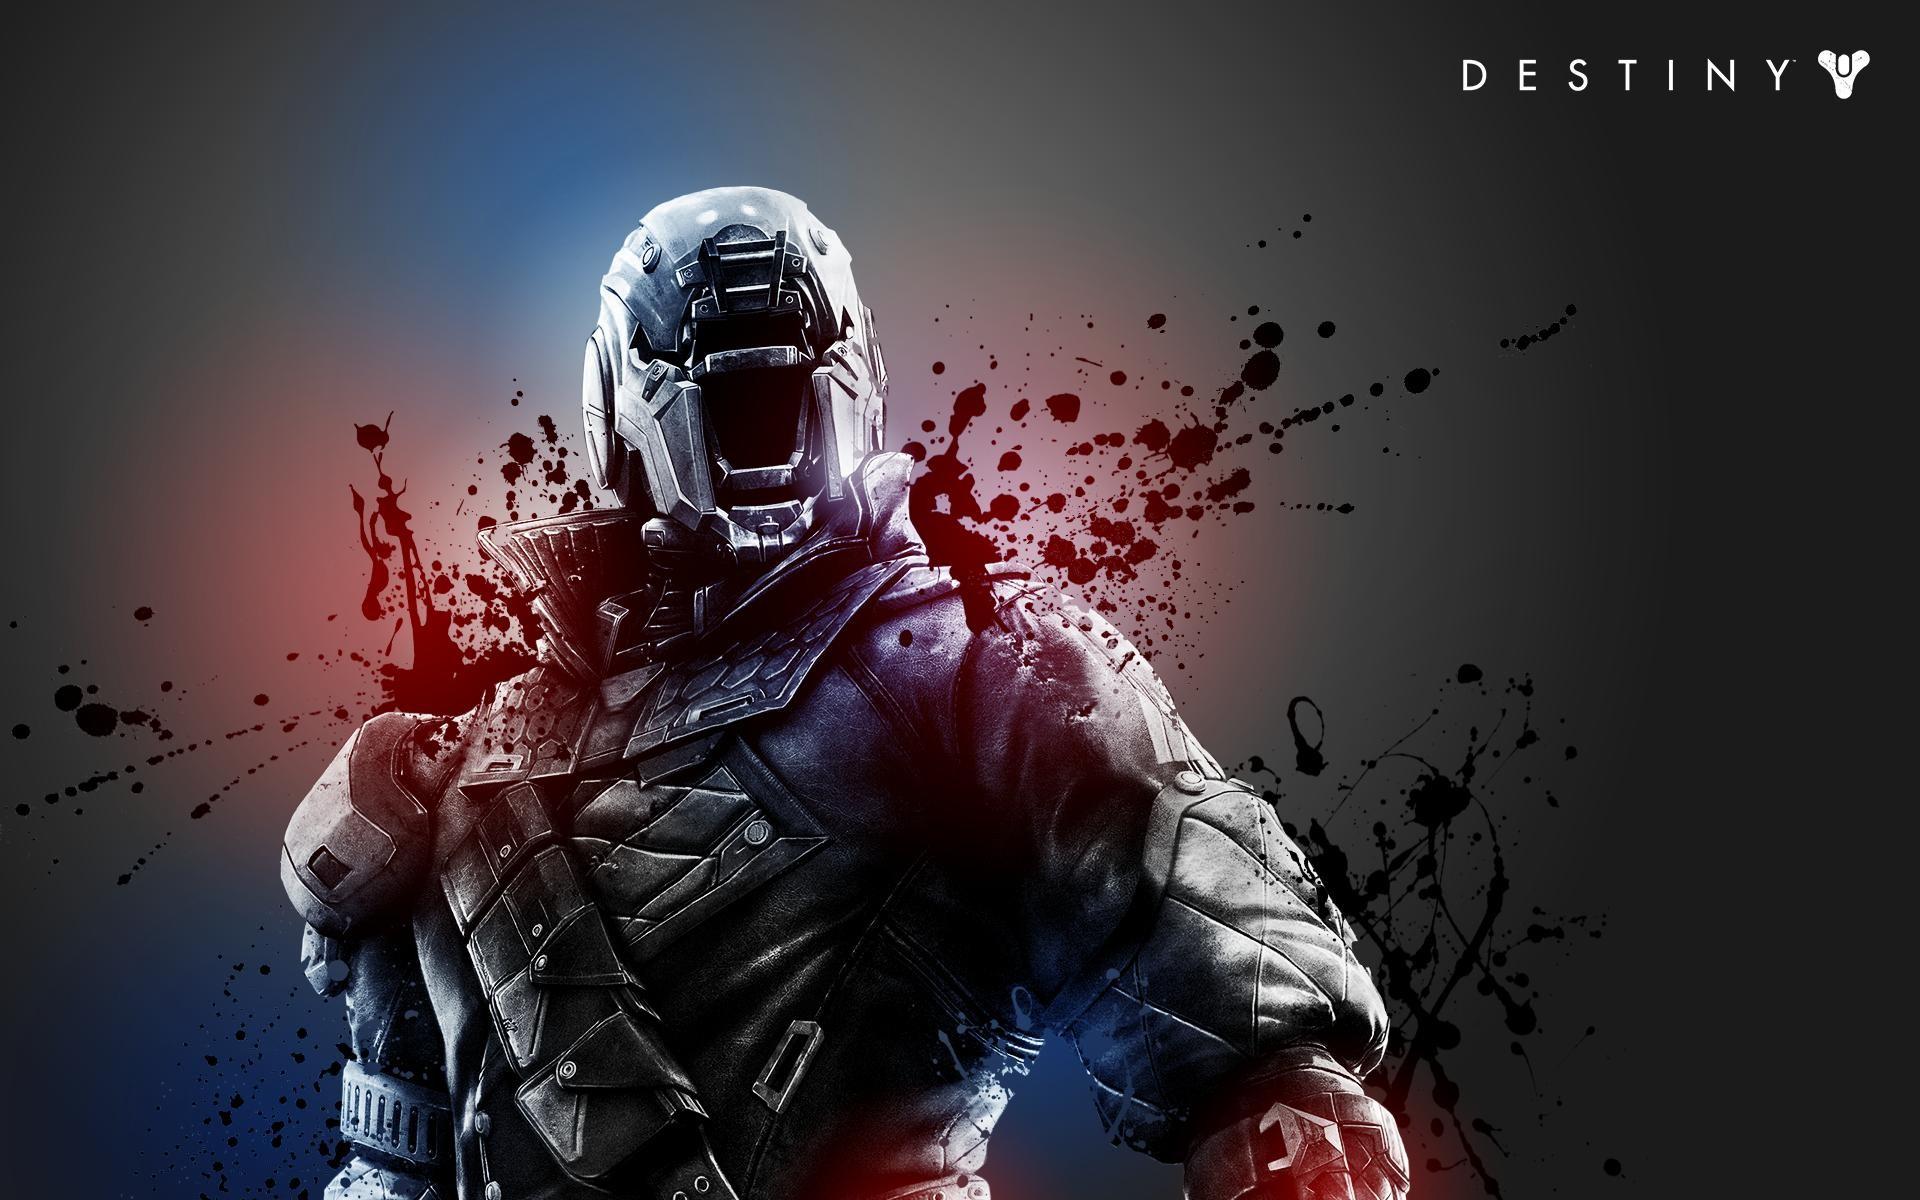 destiny-wallpaper-57